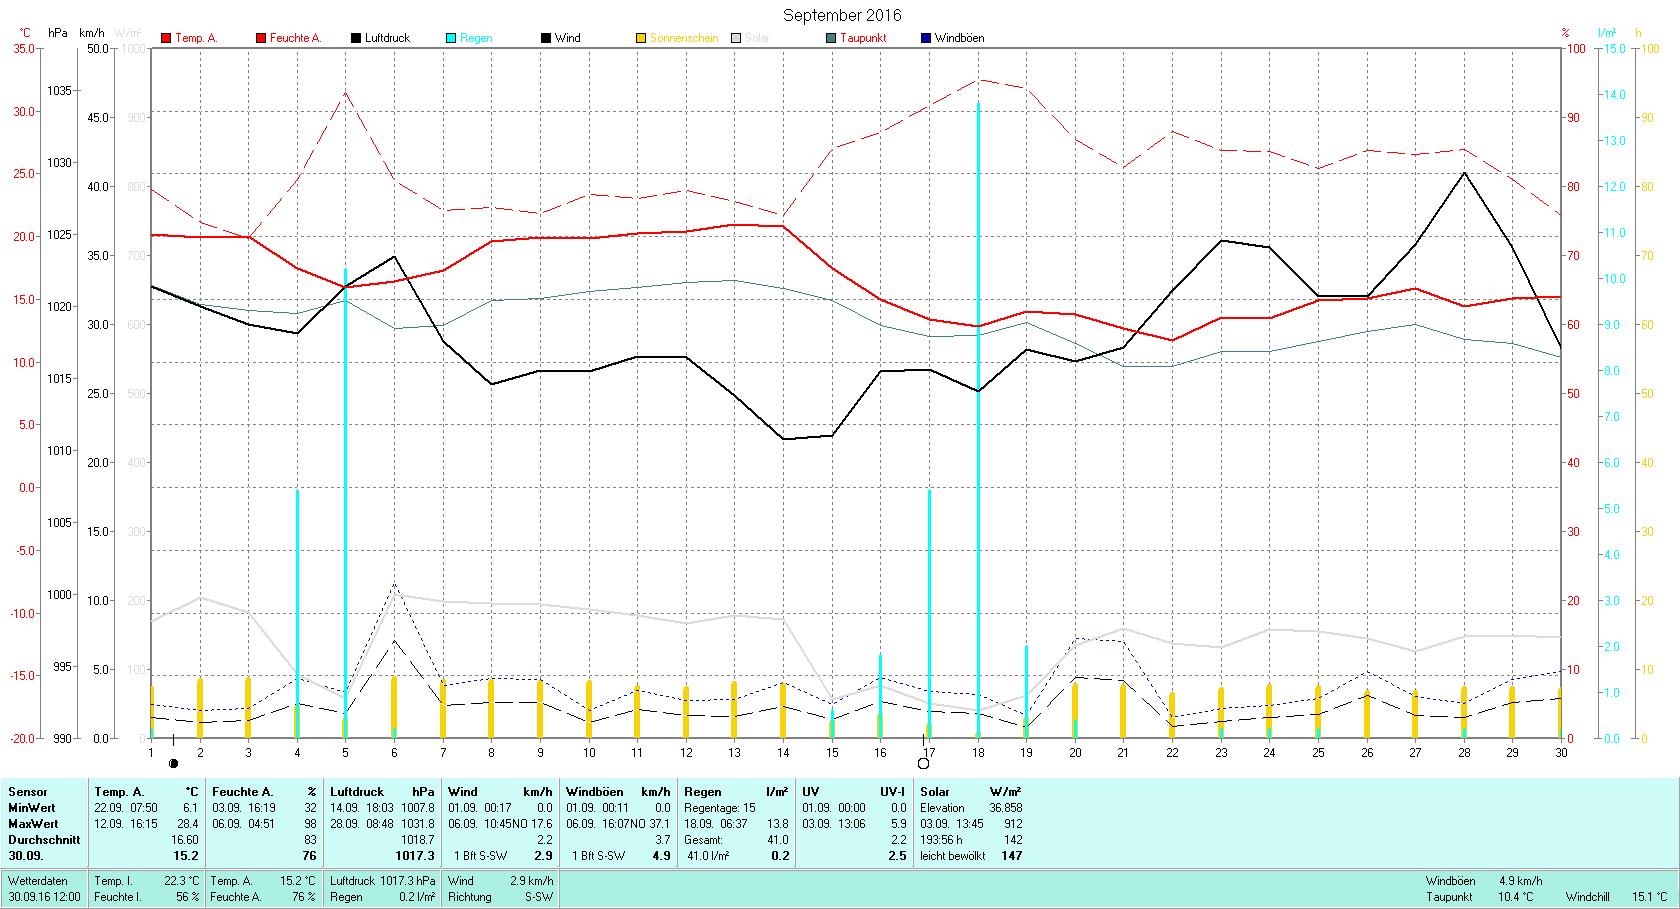 September 2016 Tmin 6.1°C, Tmax 28.4°C, Sonne 193:56h, Niederschlag 41.0mm/2